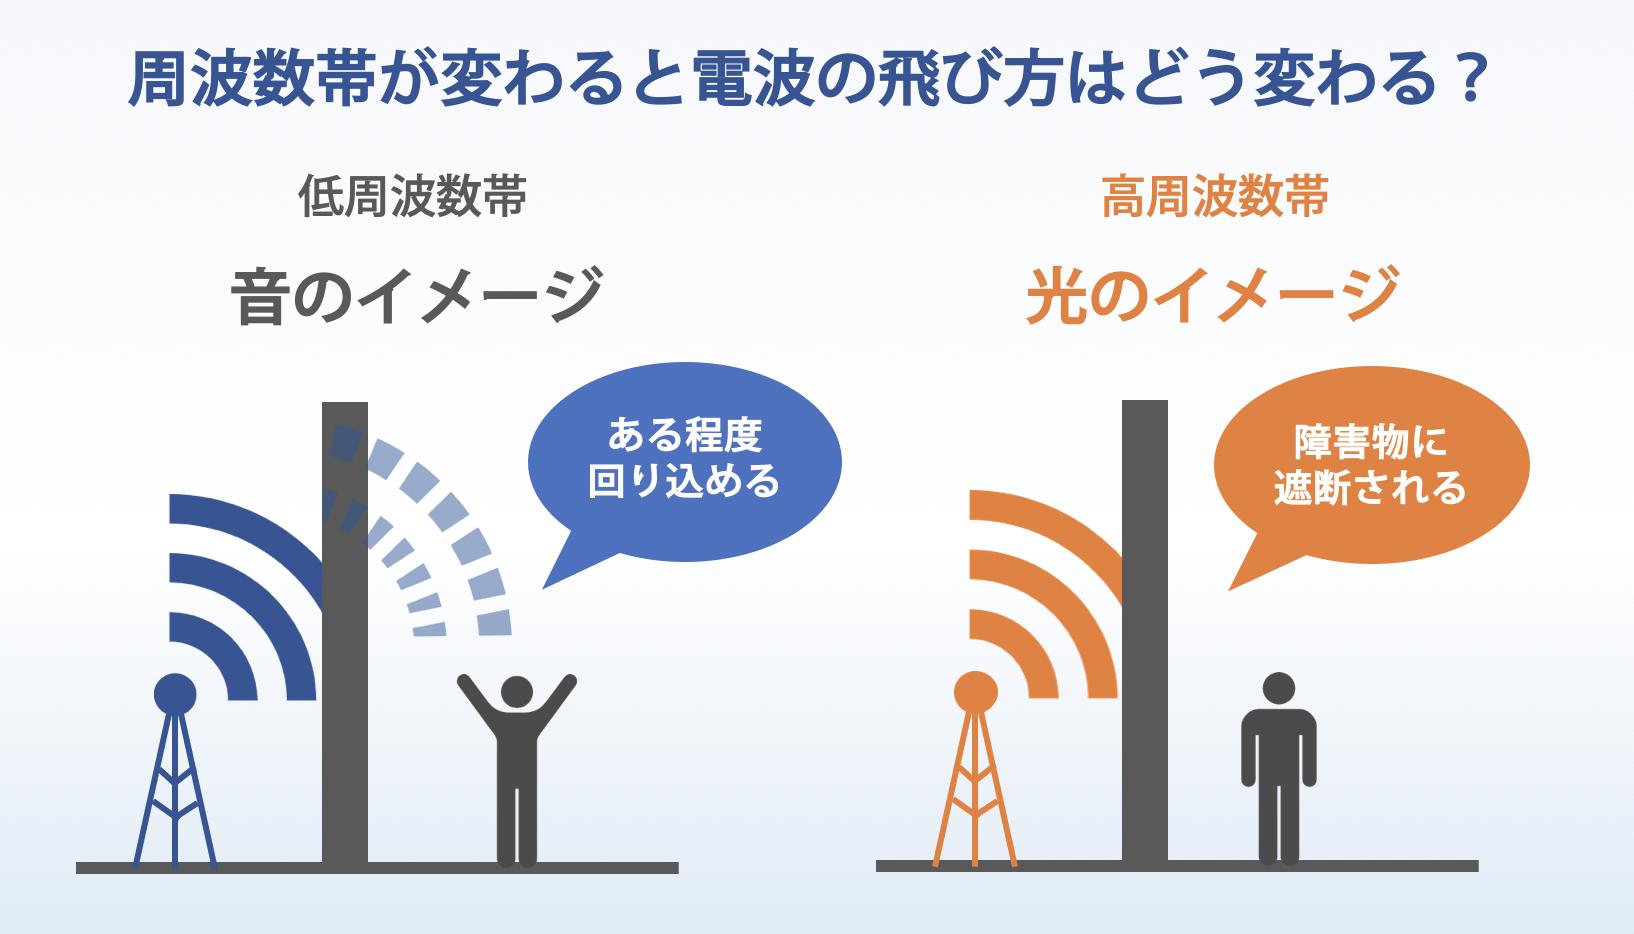 周波数帯による電波の飛び方イメージ(4G・5G)